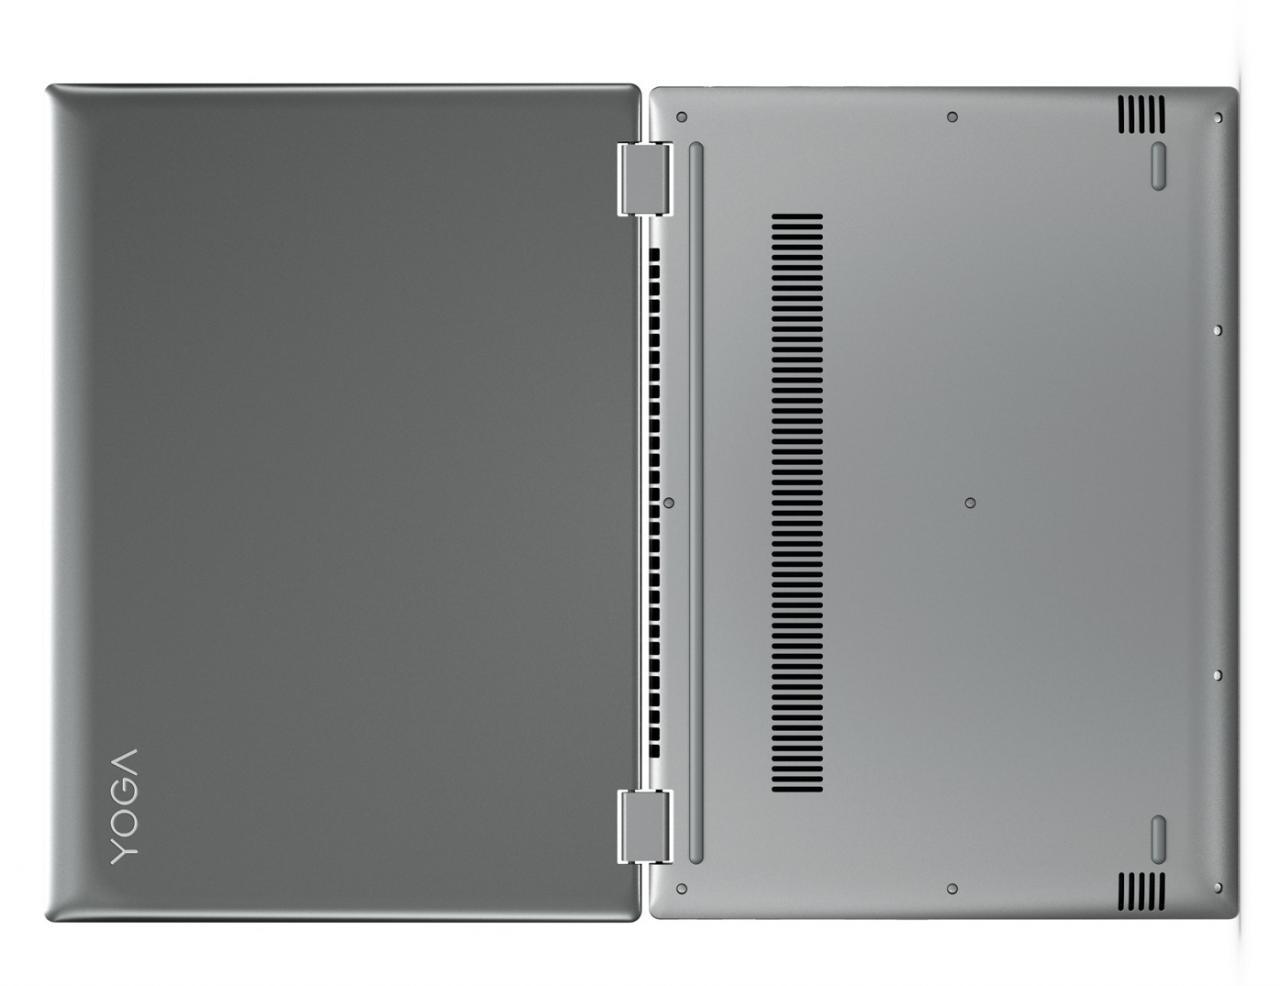 Lenovo Yoga 520 - 14IKBR-742, Specs and Details